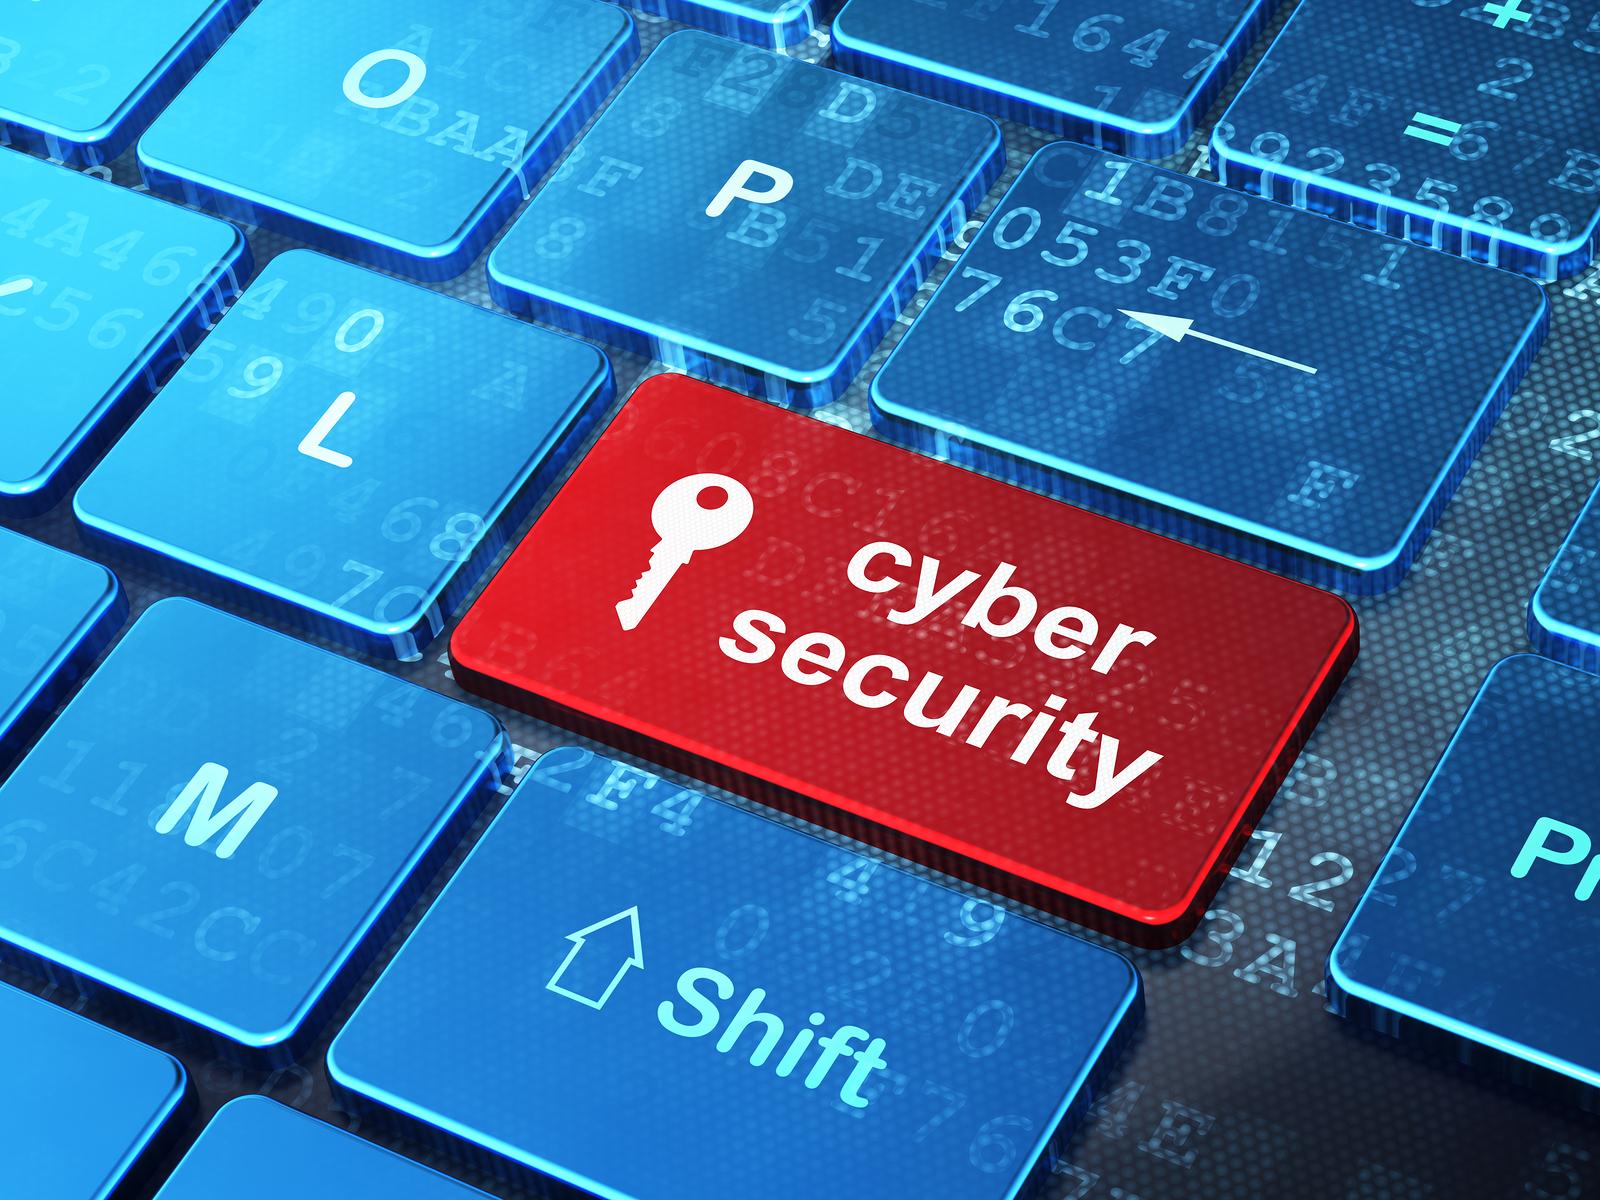 Siber Sigortalar